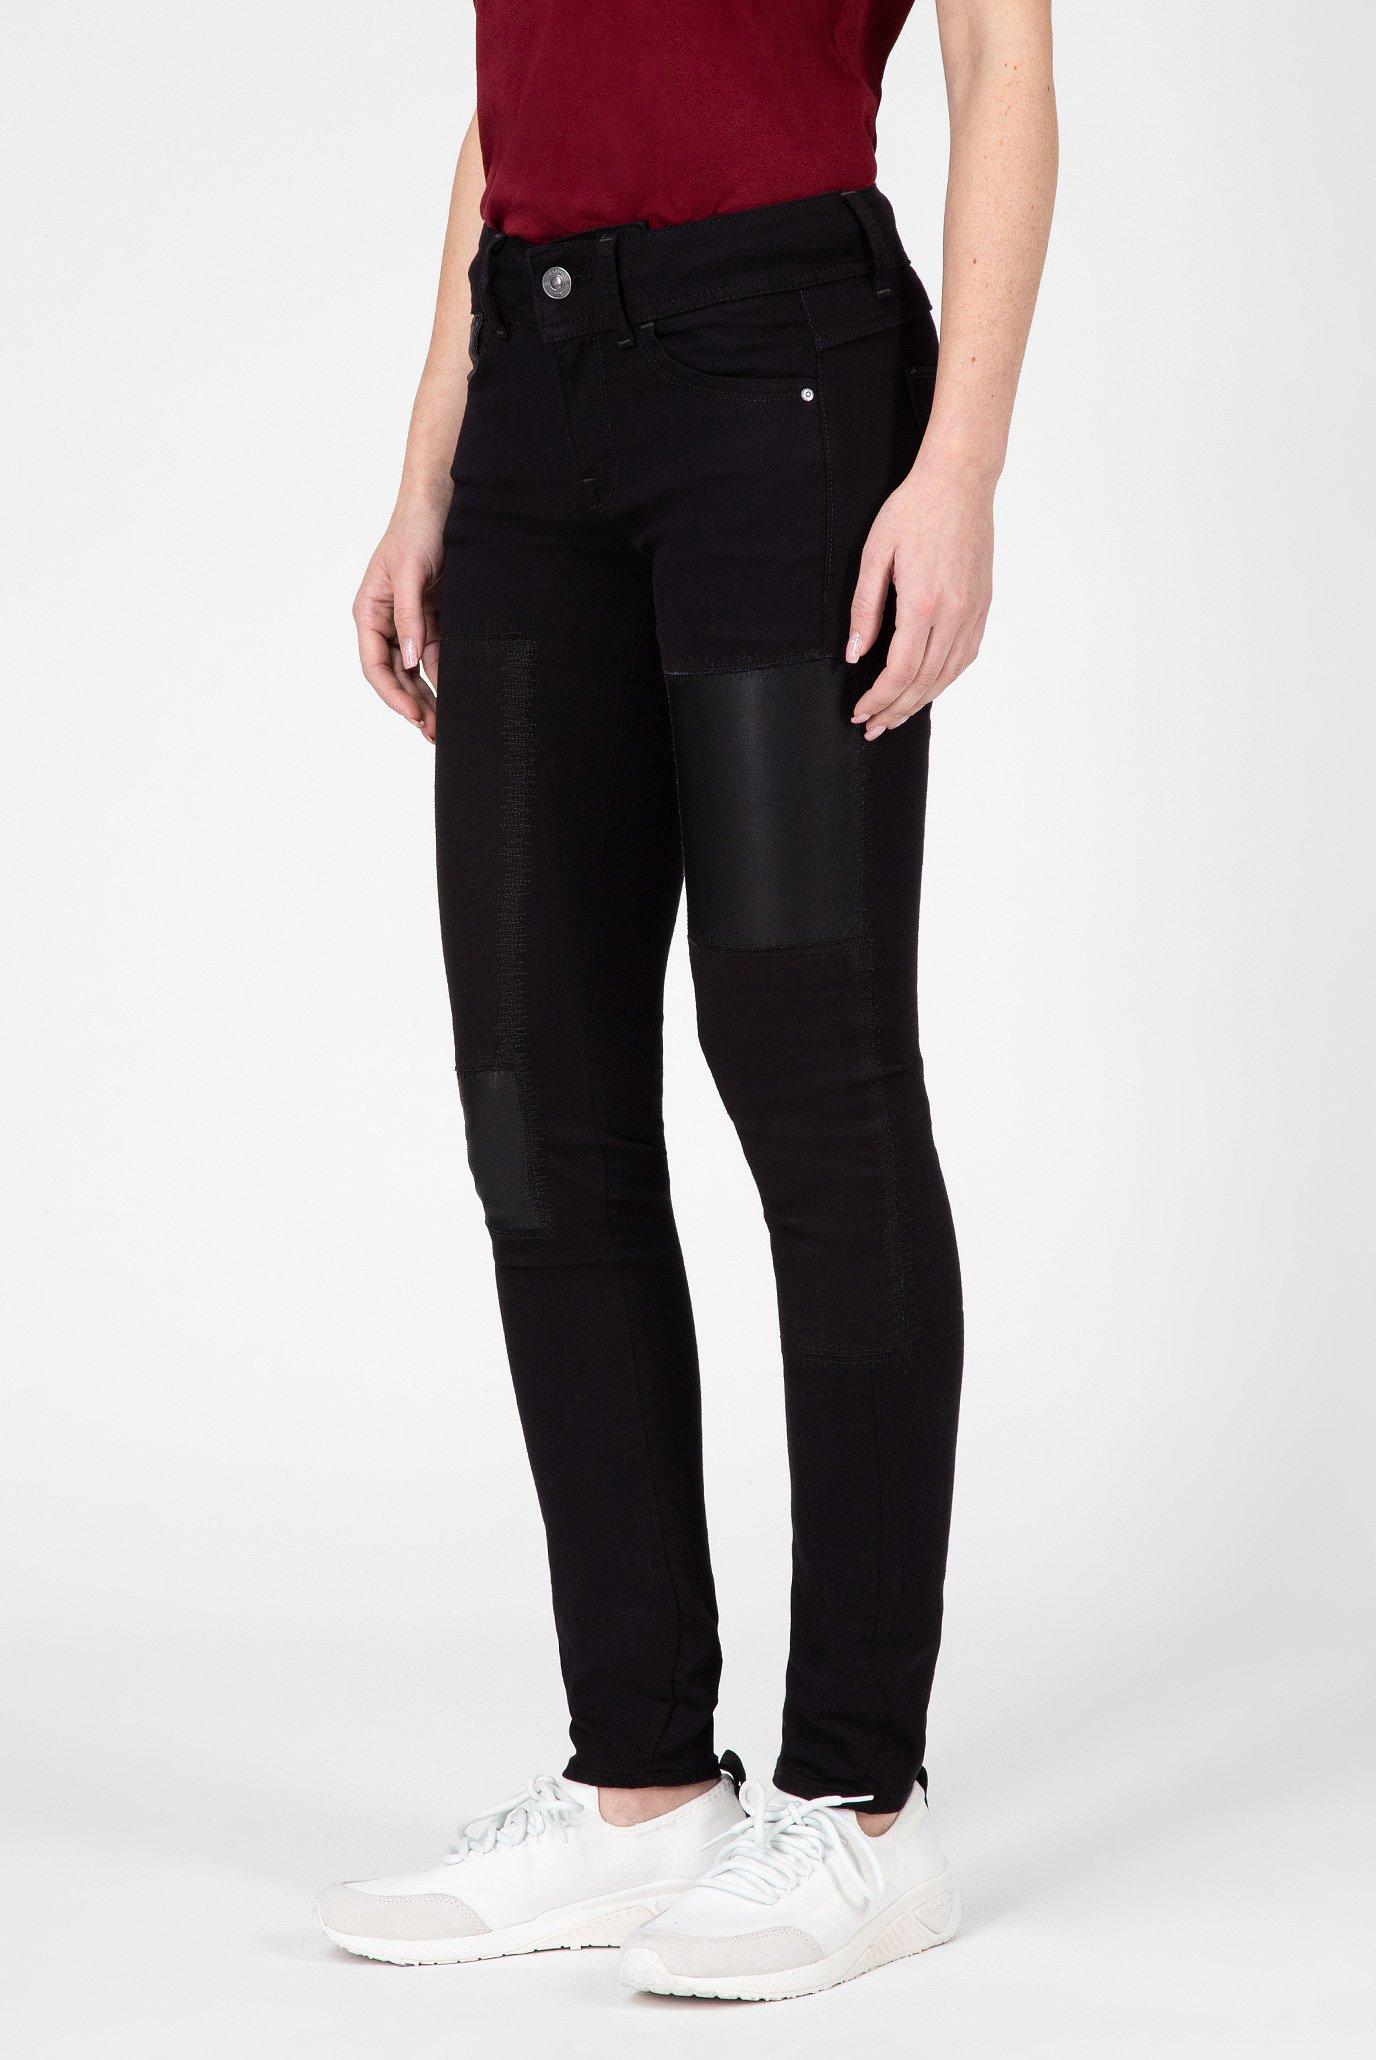 Купить Женские черные джинсы LYNN G-Star RAW G-Star RAW D10962,8970 – Киев, Украина. Цены в интернет магазине MD Fashion